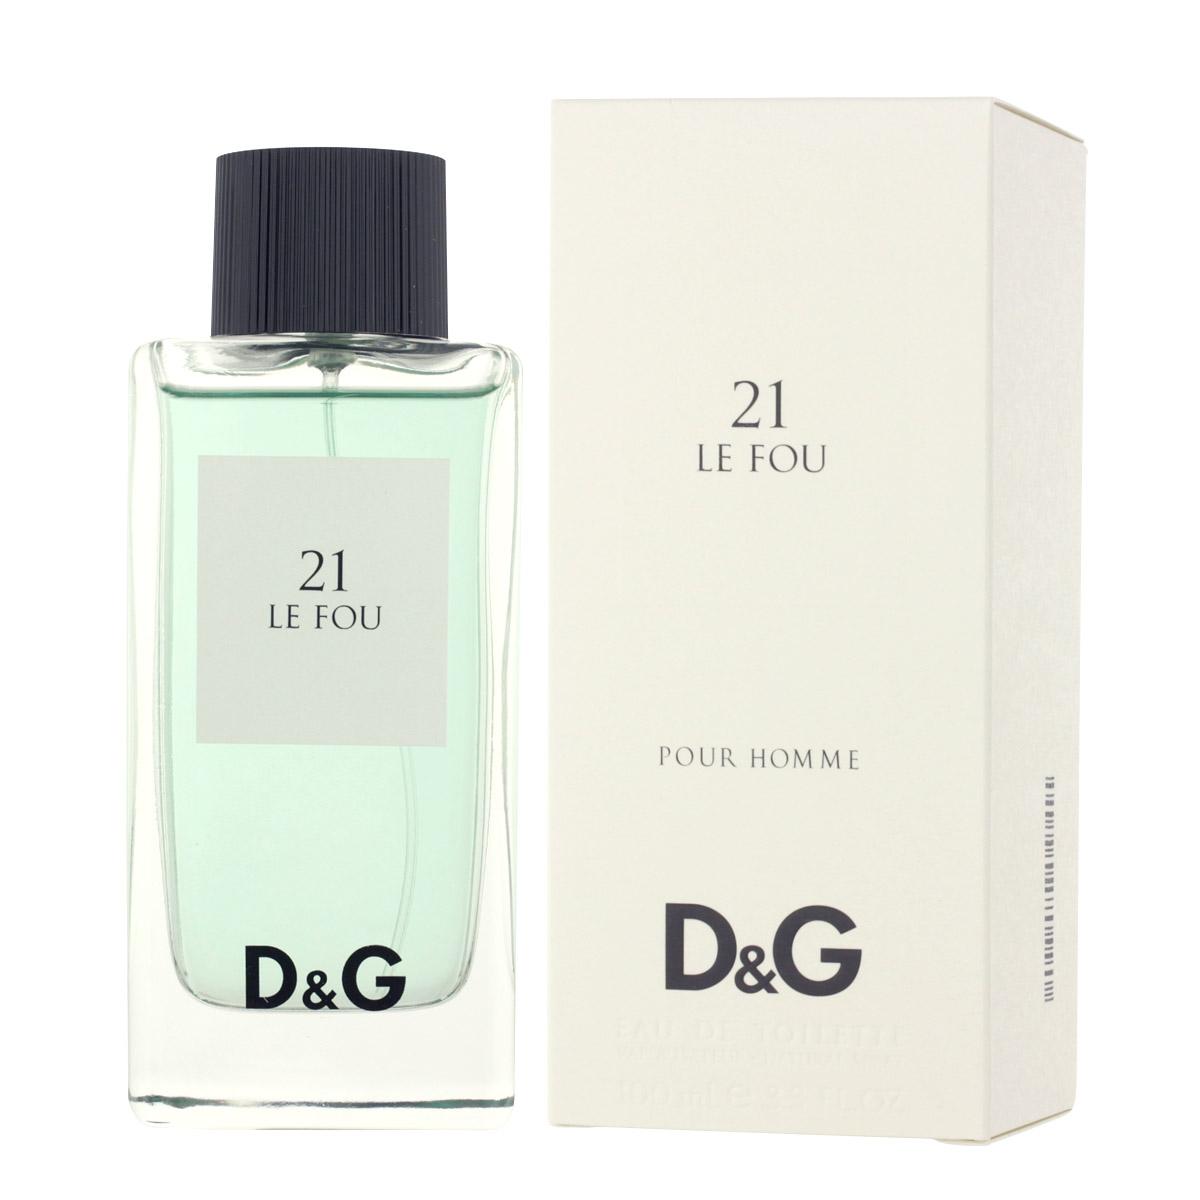 Dolce & Gabbana Anthology Le Fou 21 EDT 100 ml M